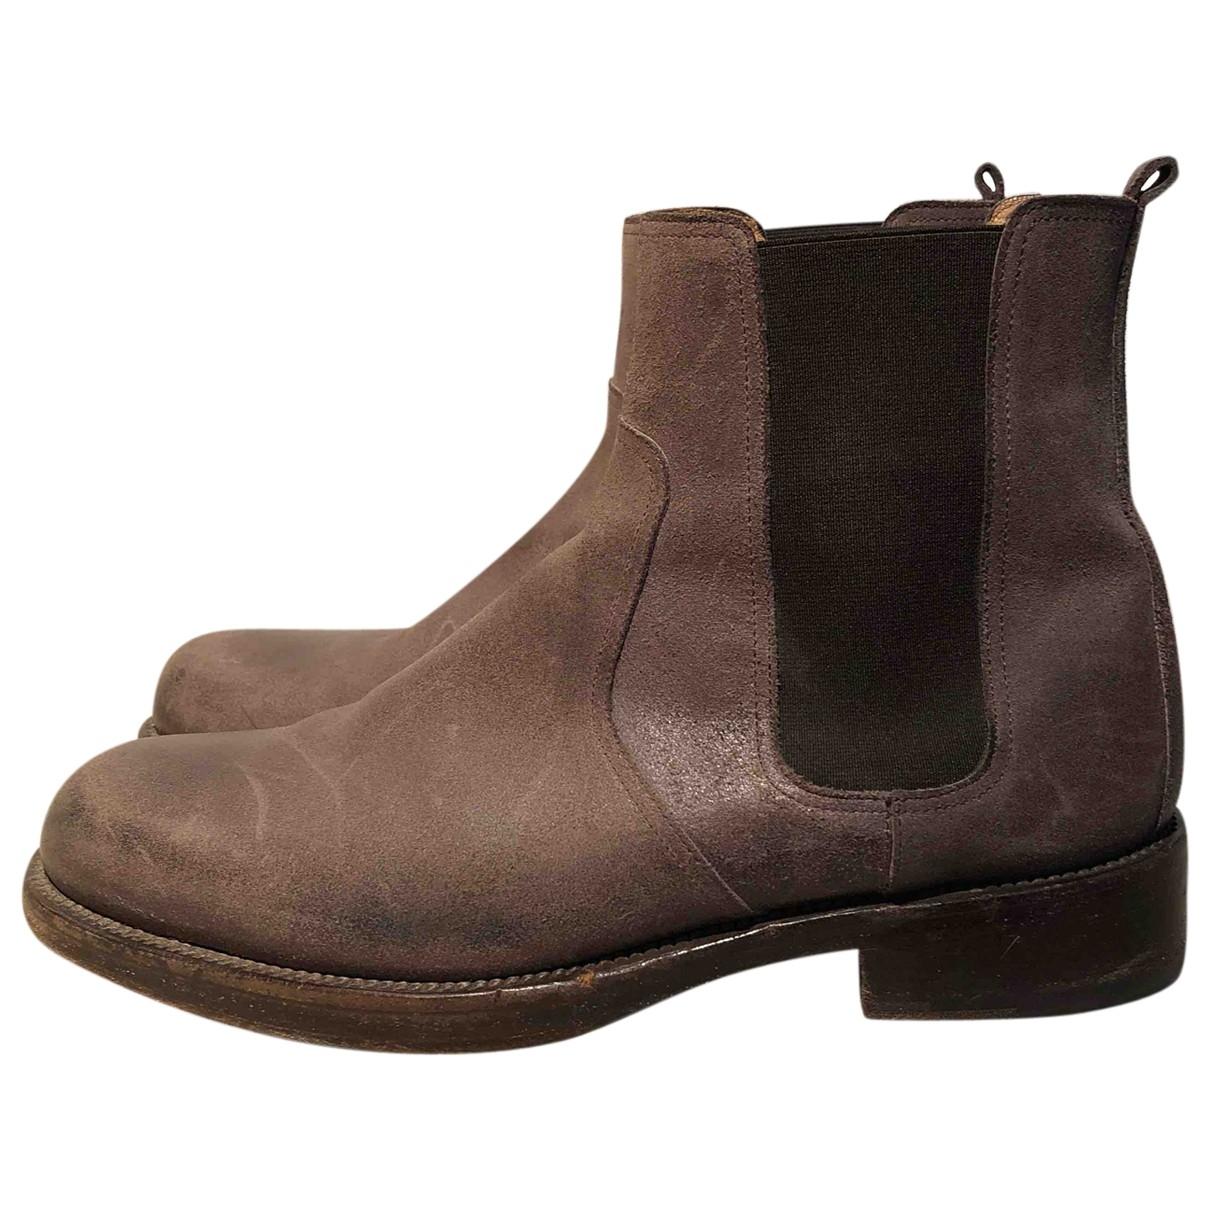 Hermes - Bottes.Boots   pour homme en cuir - gris